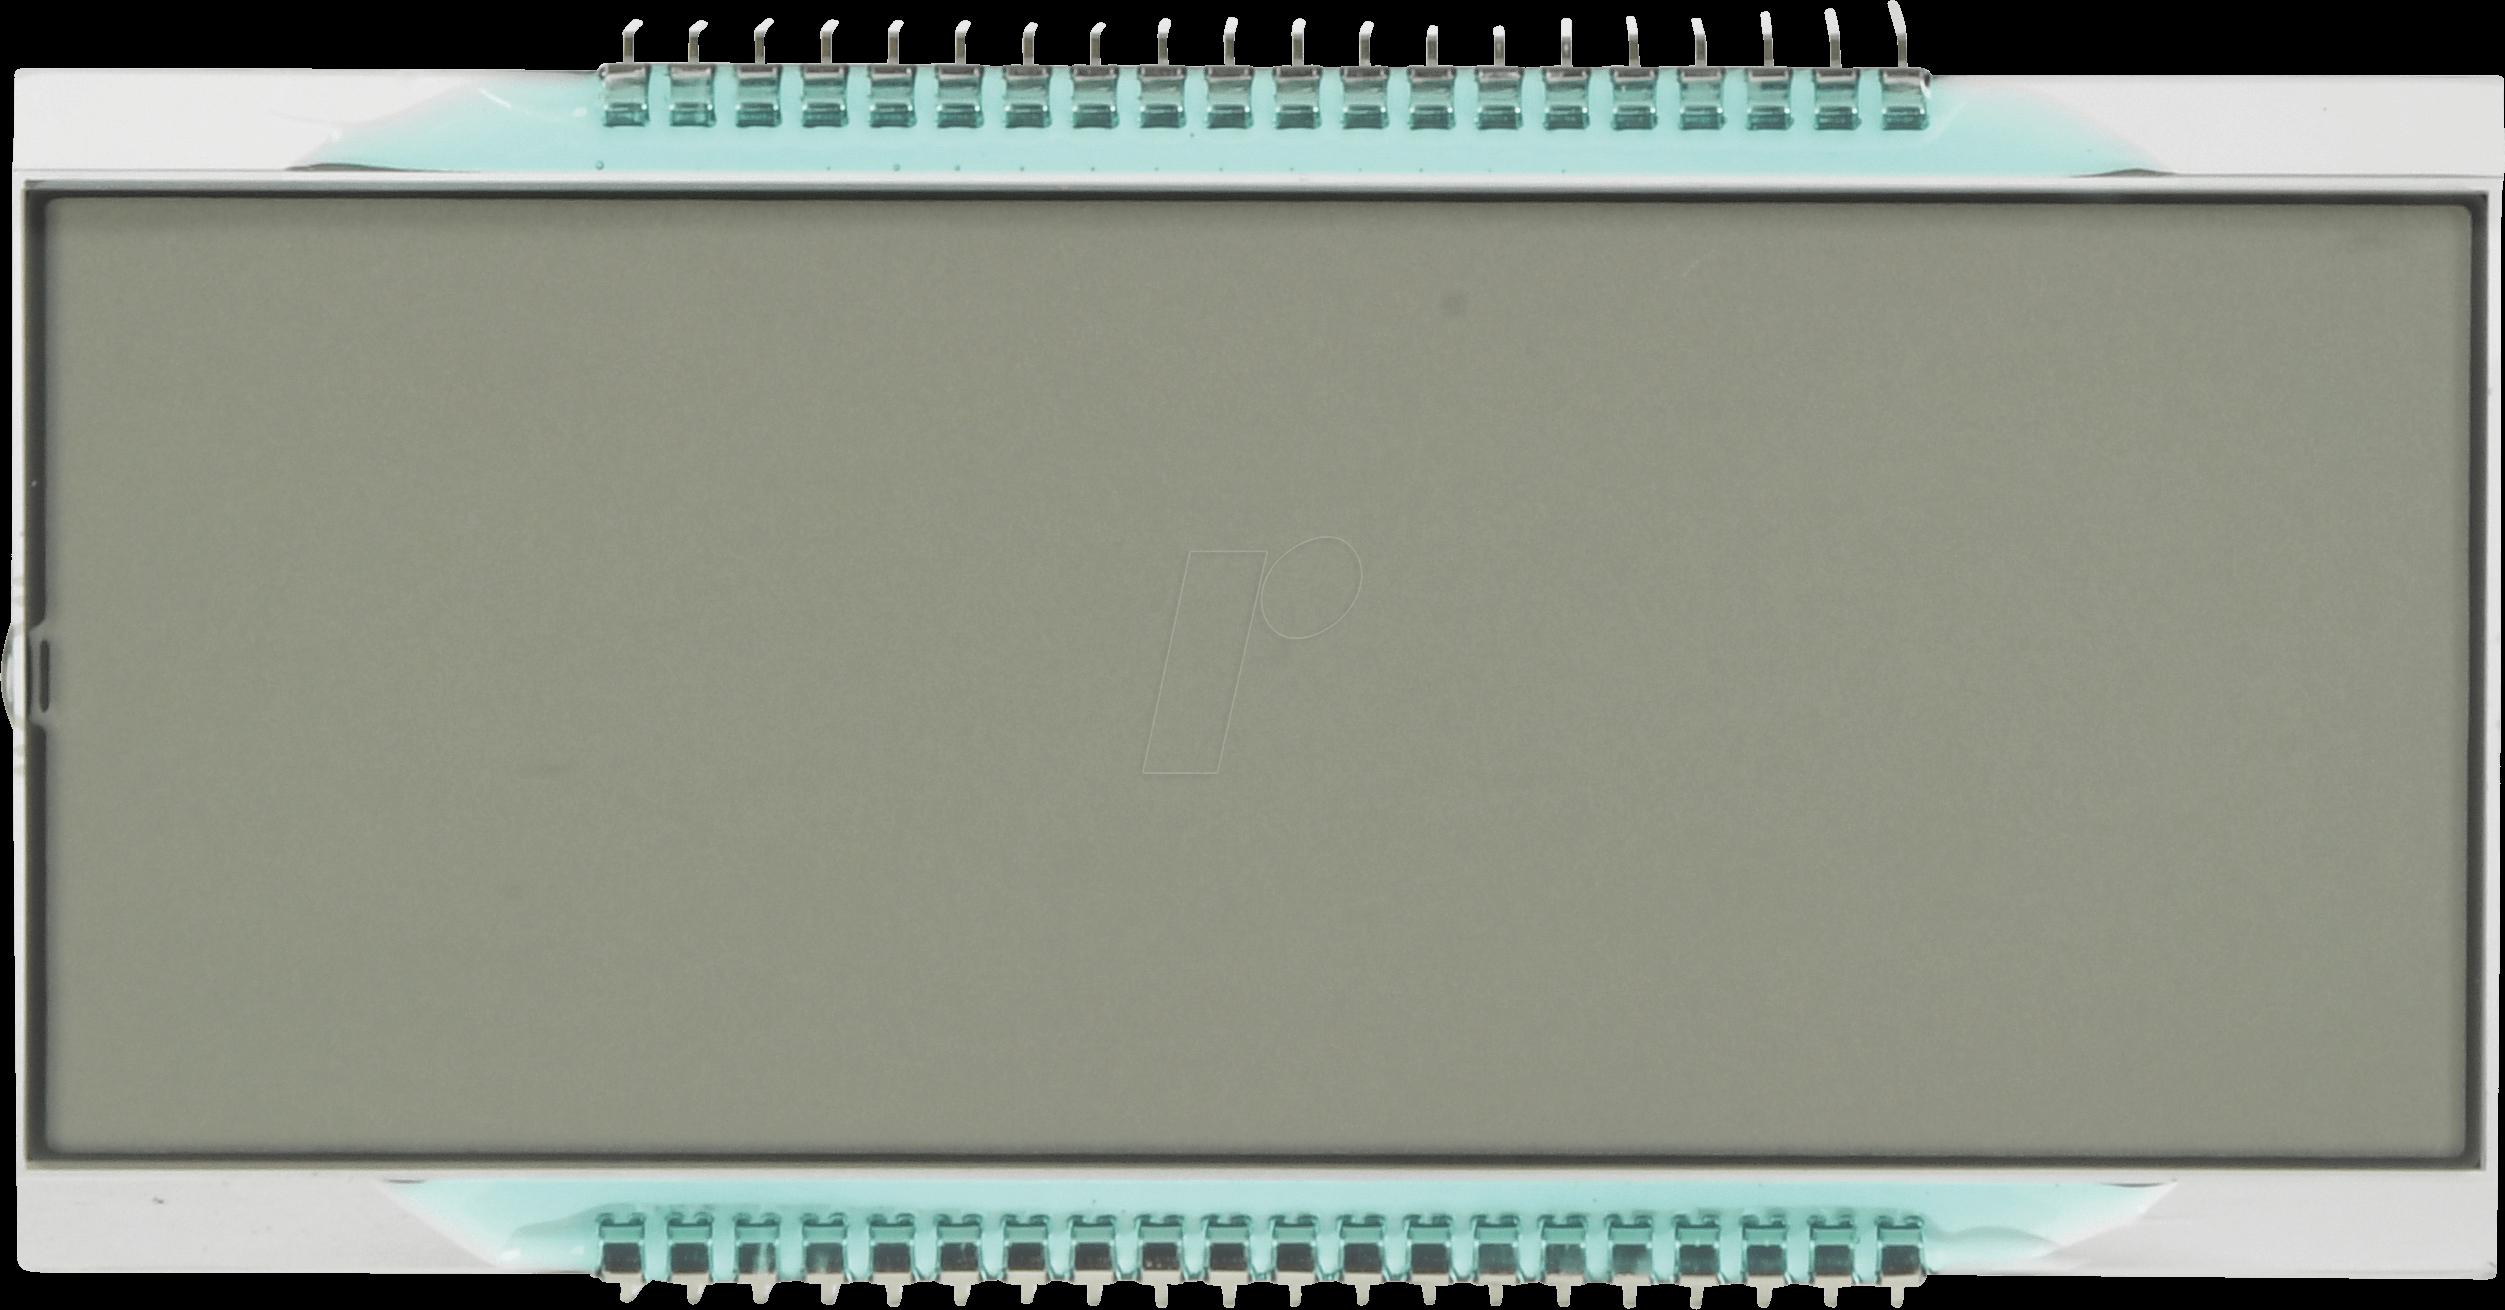 https://cdn-reichelt.de/bilder/web/xxl_ws/A500/LCD-7S_4-25_A.png